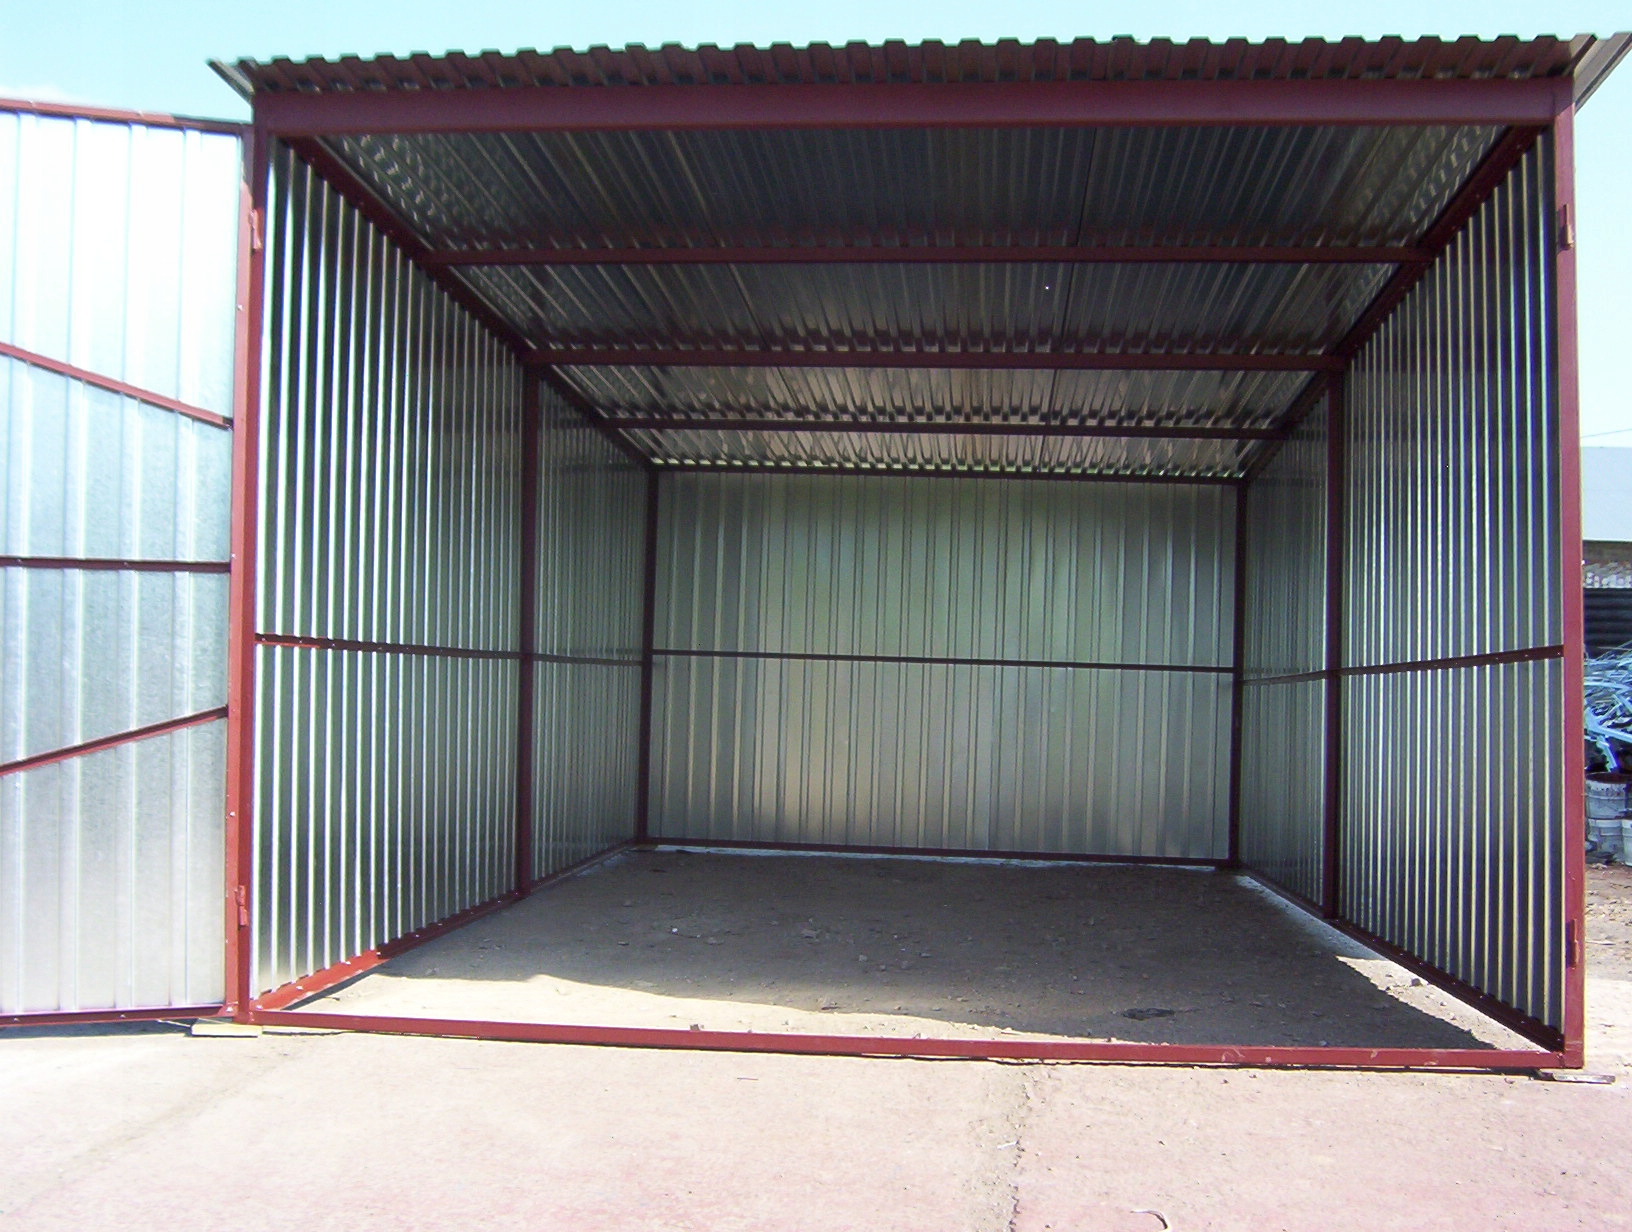 Garaż Blaszany Blaszak Wymiary 3x5 4x6 5x5 2x3 Gw 7170010029